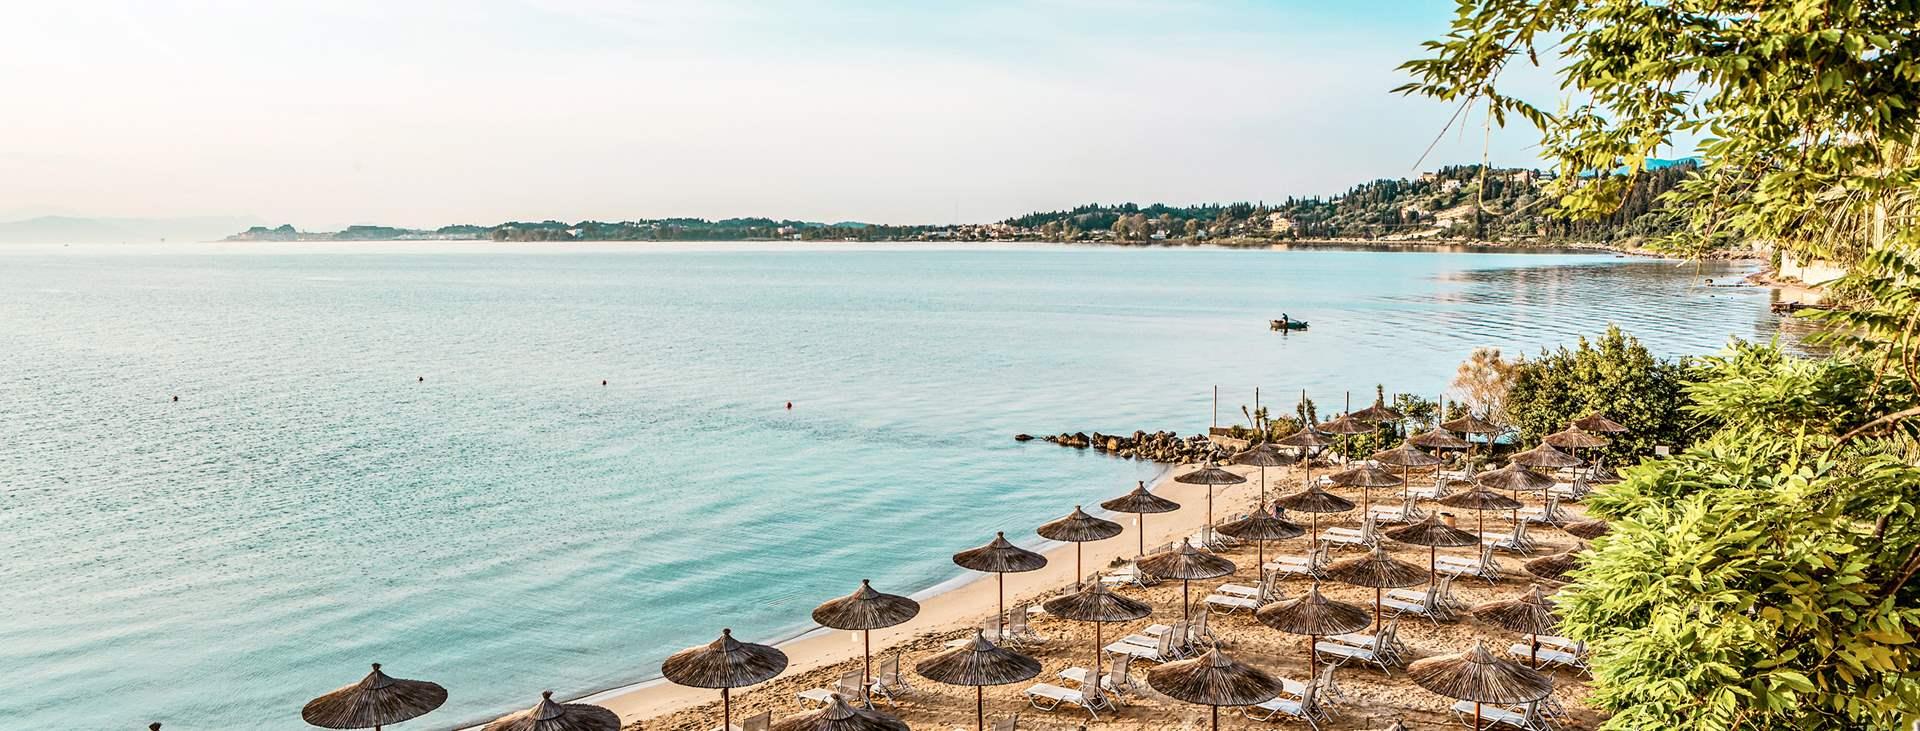 Bestill en reise med Ving til Gouvia på Korfu